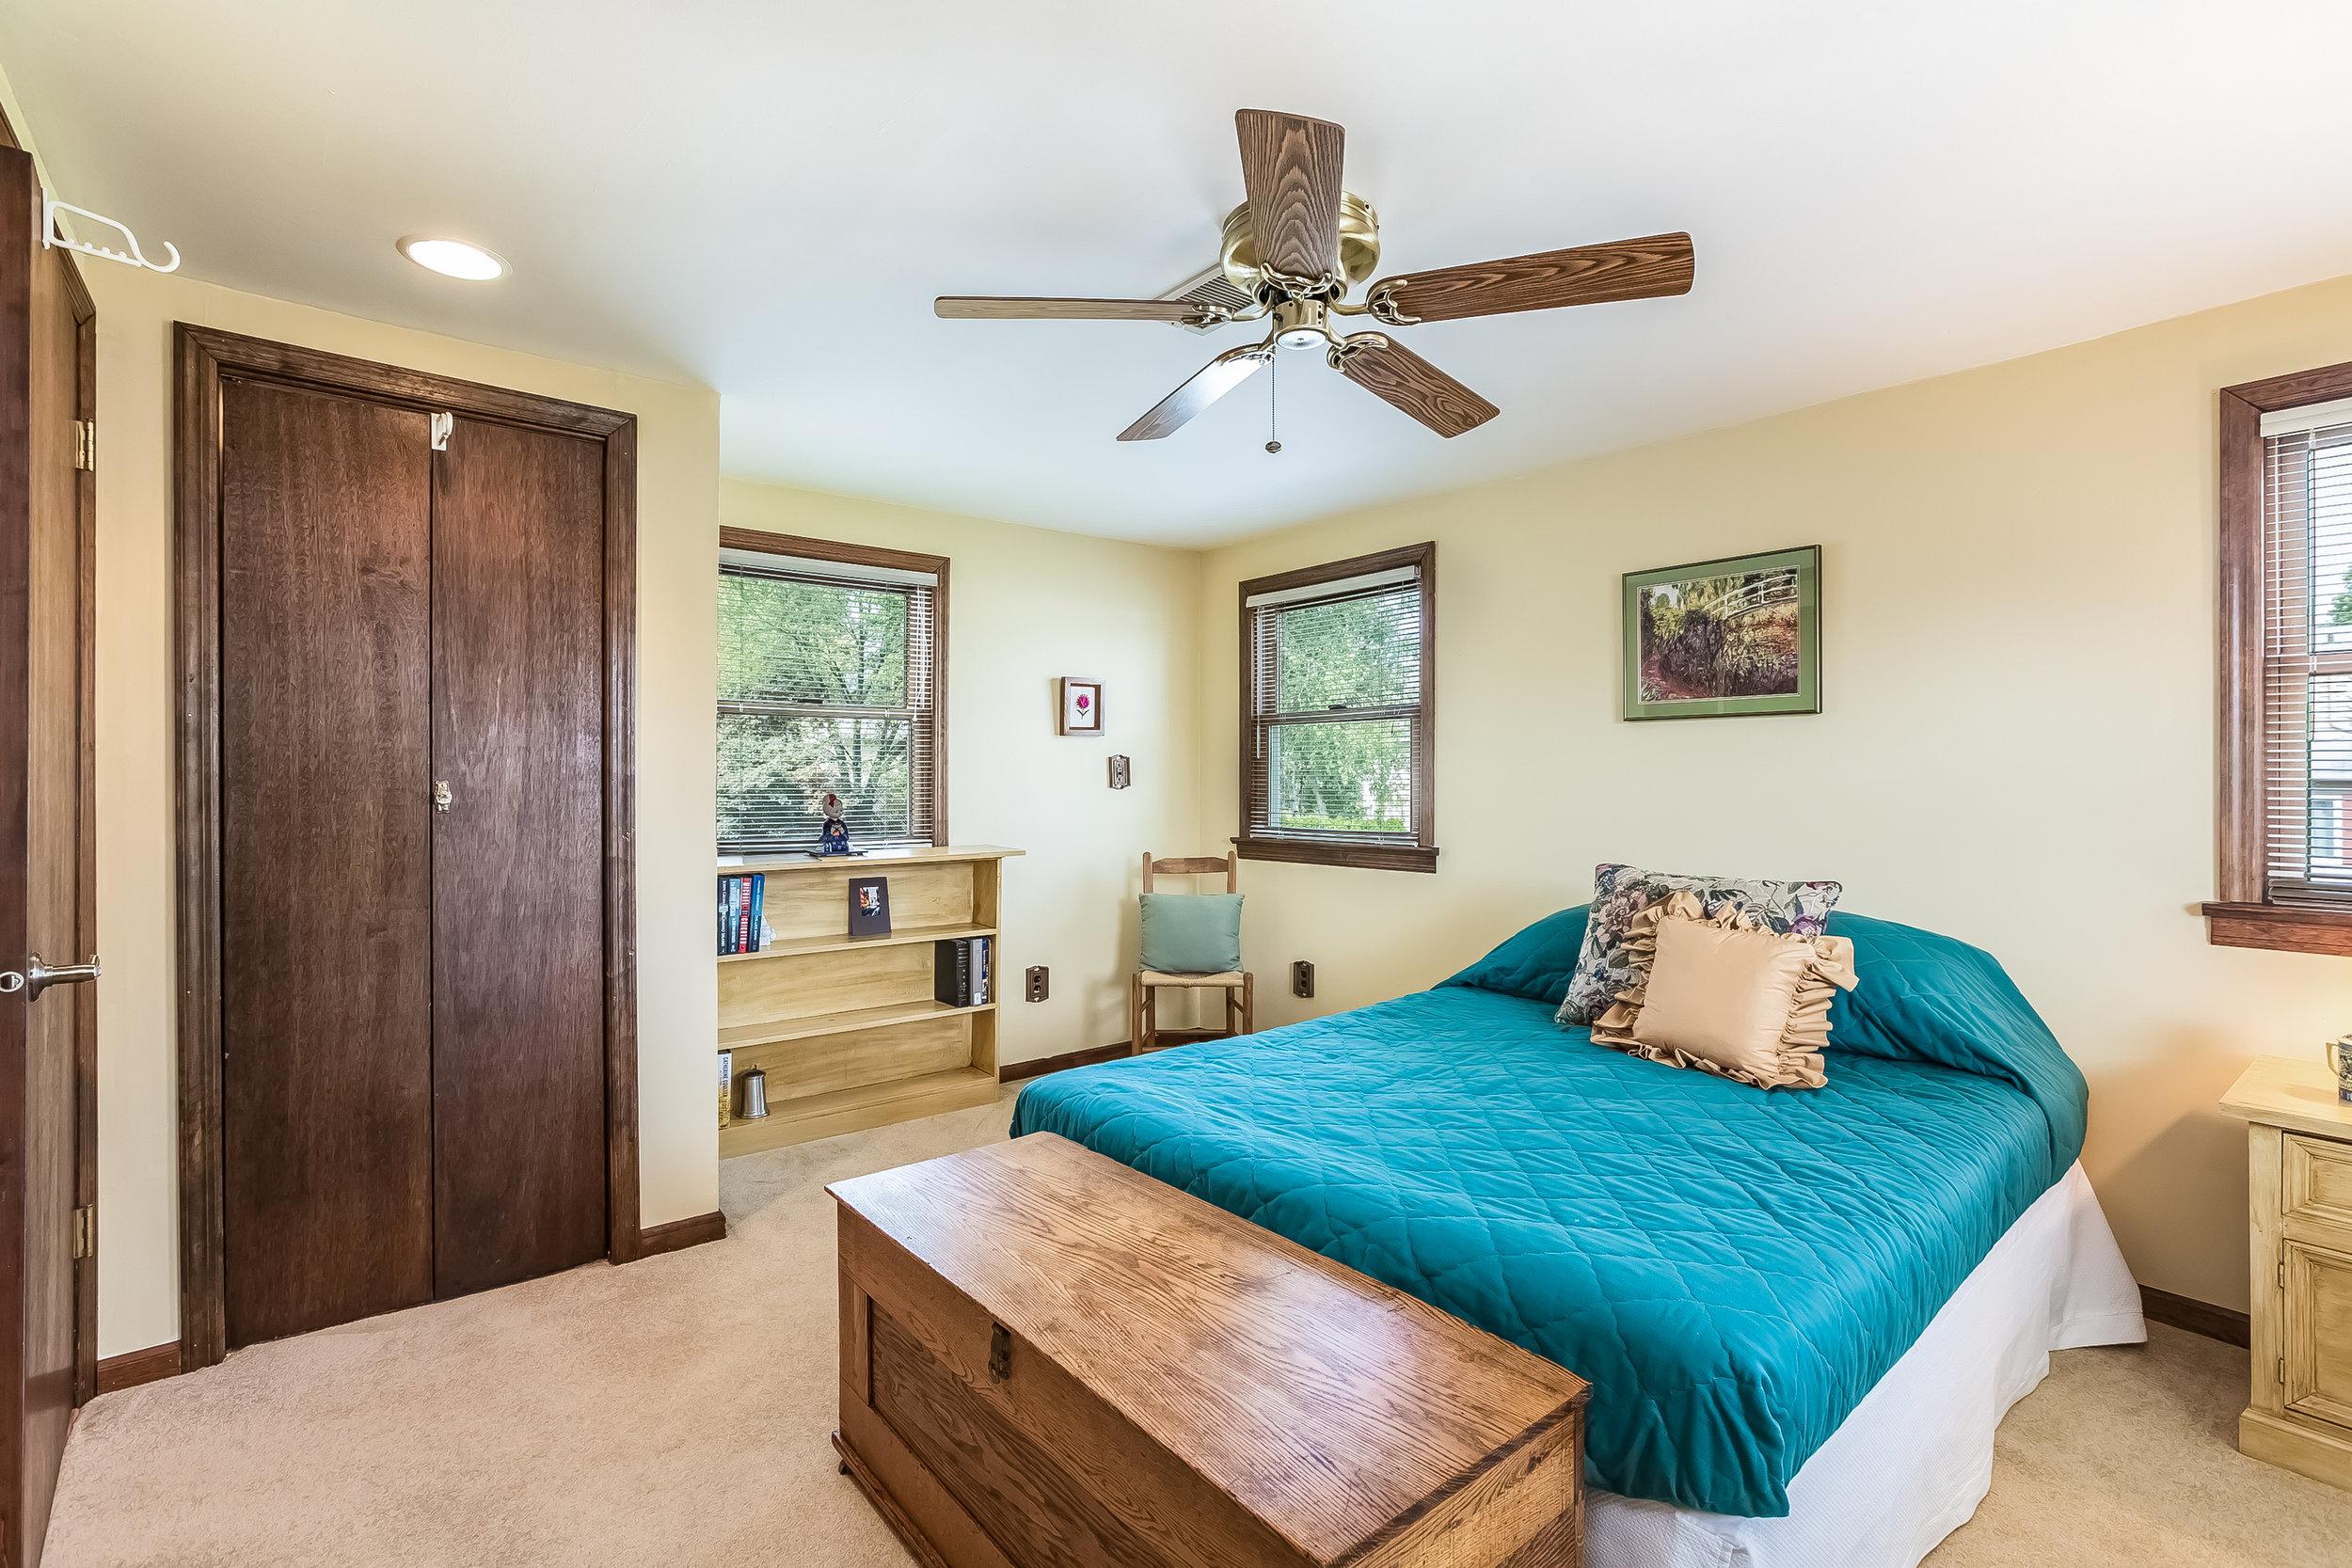 050-Bedroom-4932698-large.jpg